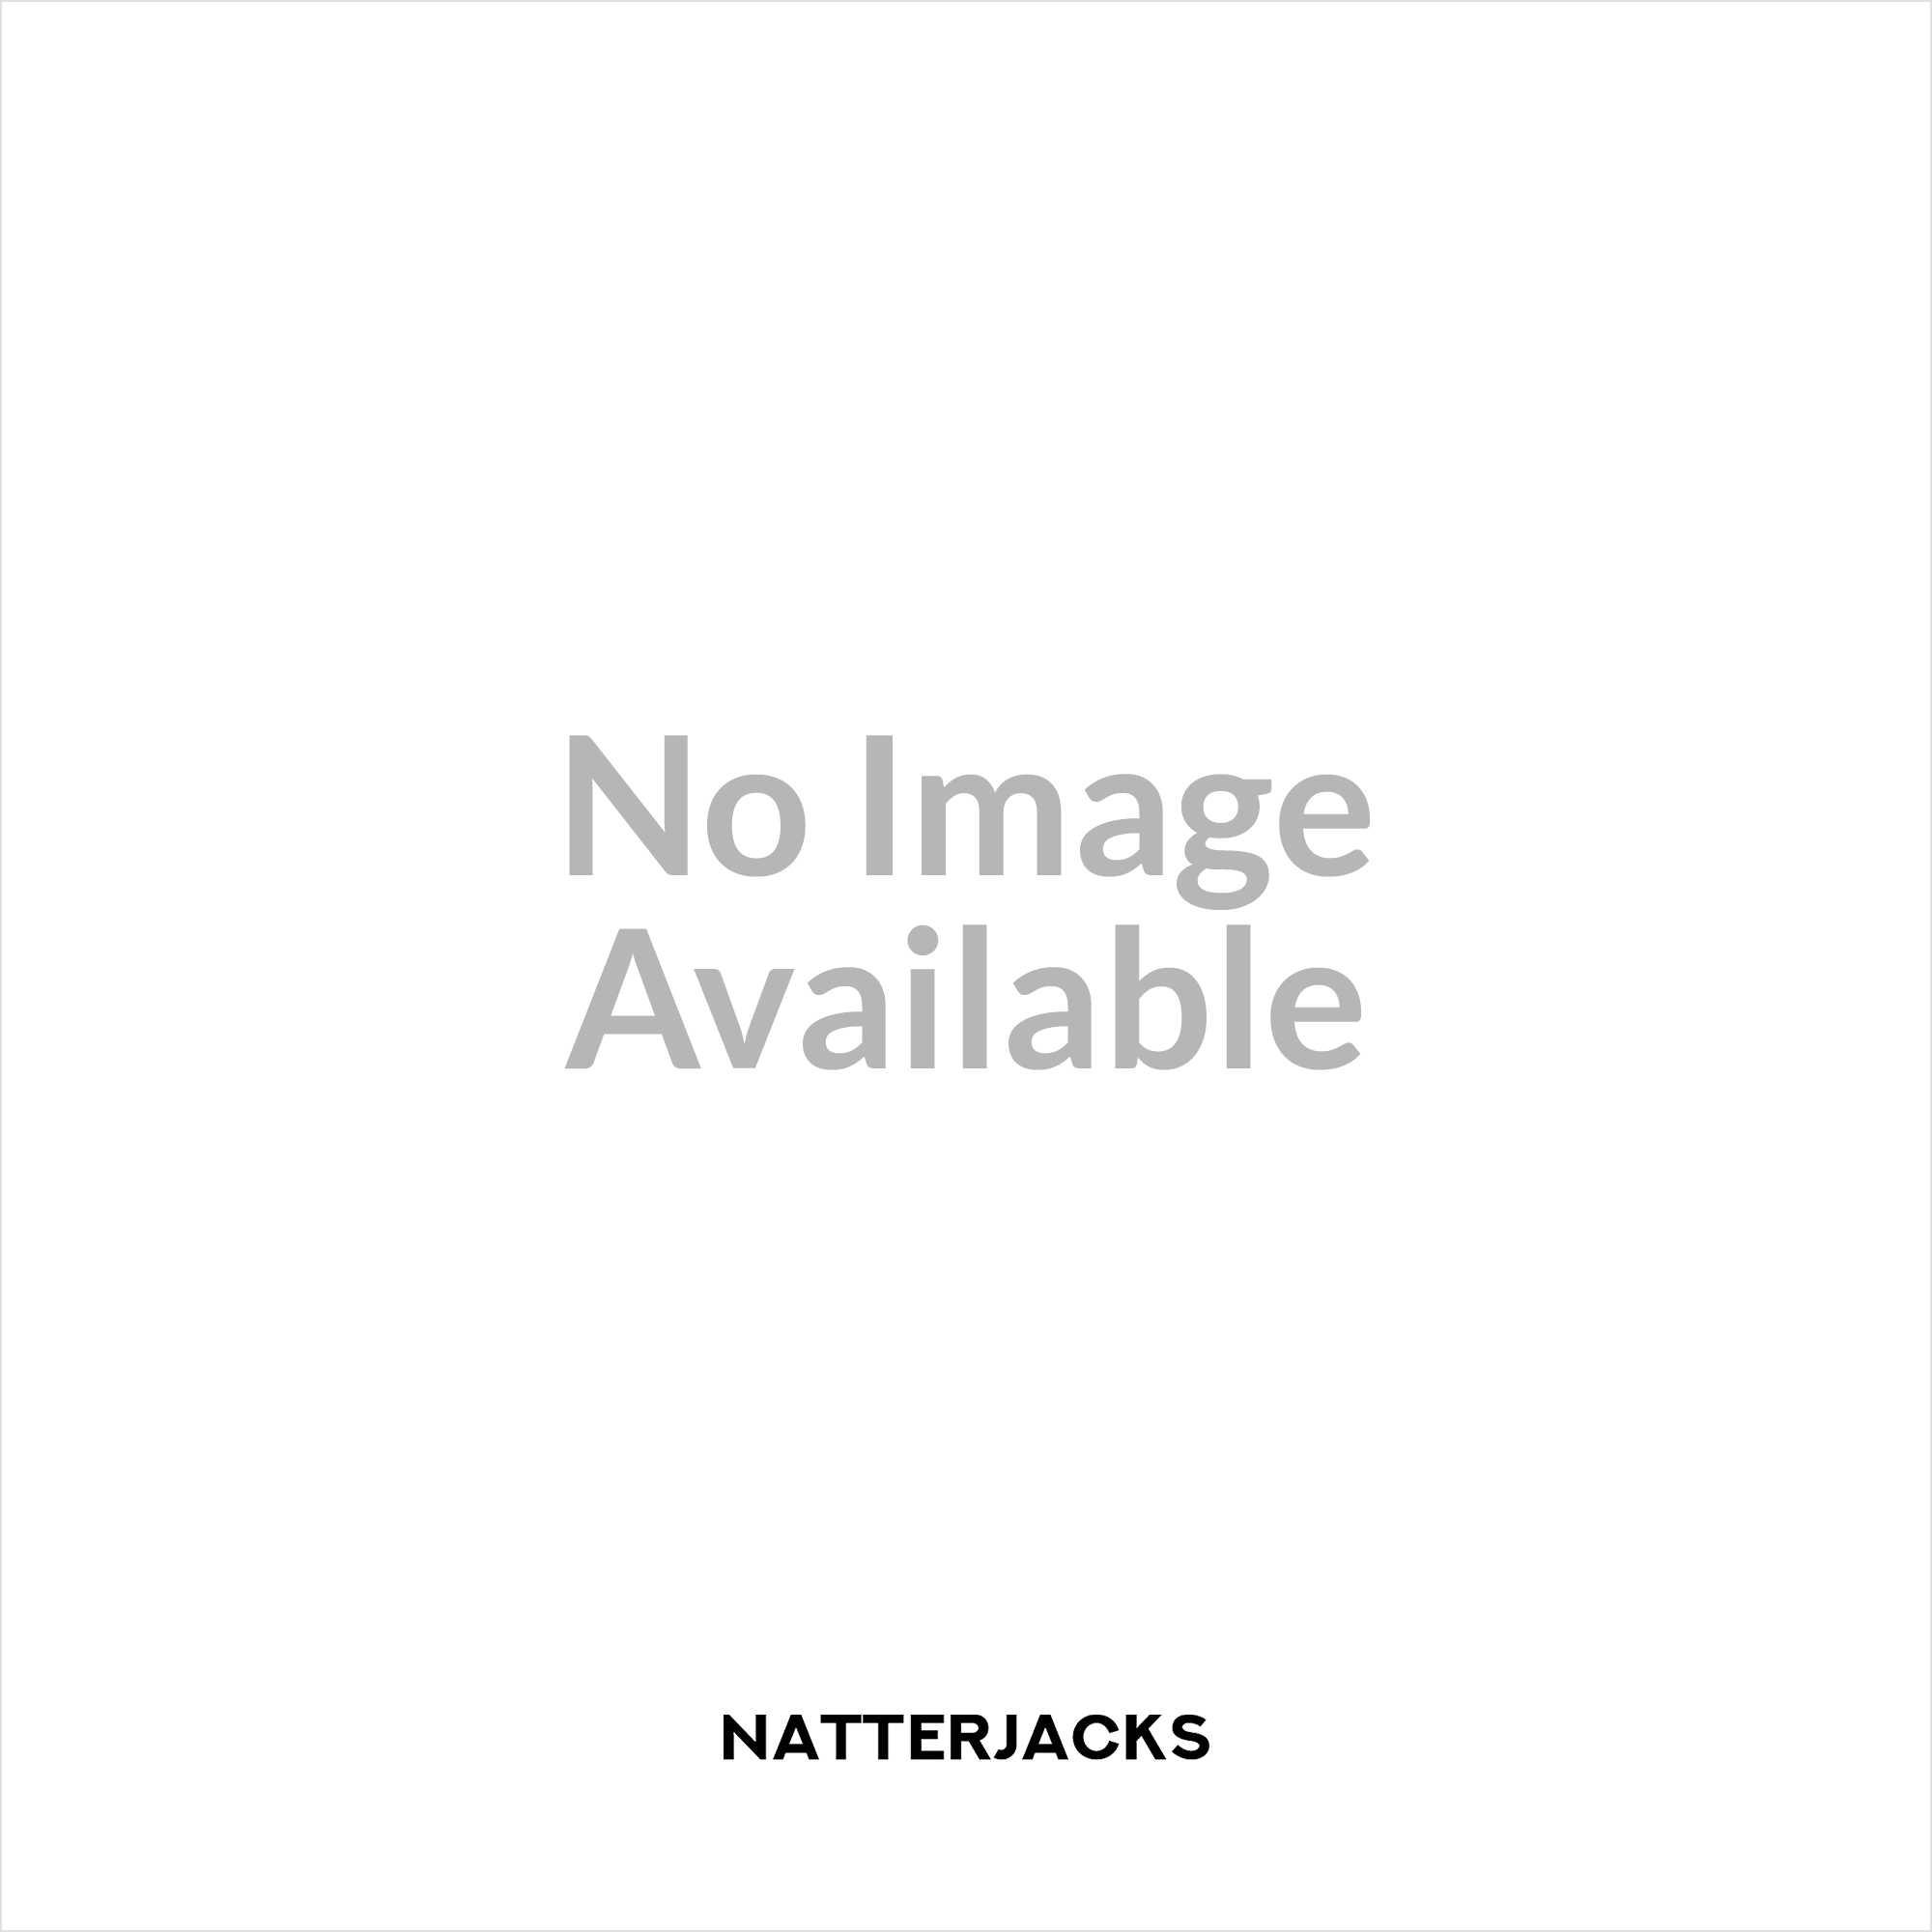 Alife Core Premium T-shirt - Black